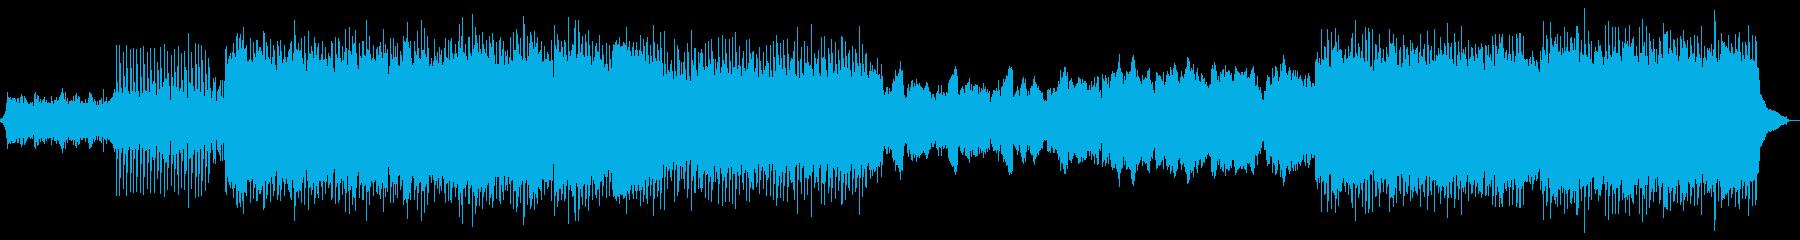 ピアノ バイオリン 疾走感 爽快の再生済みの波形